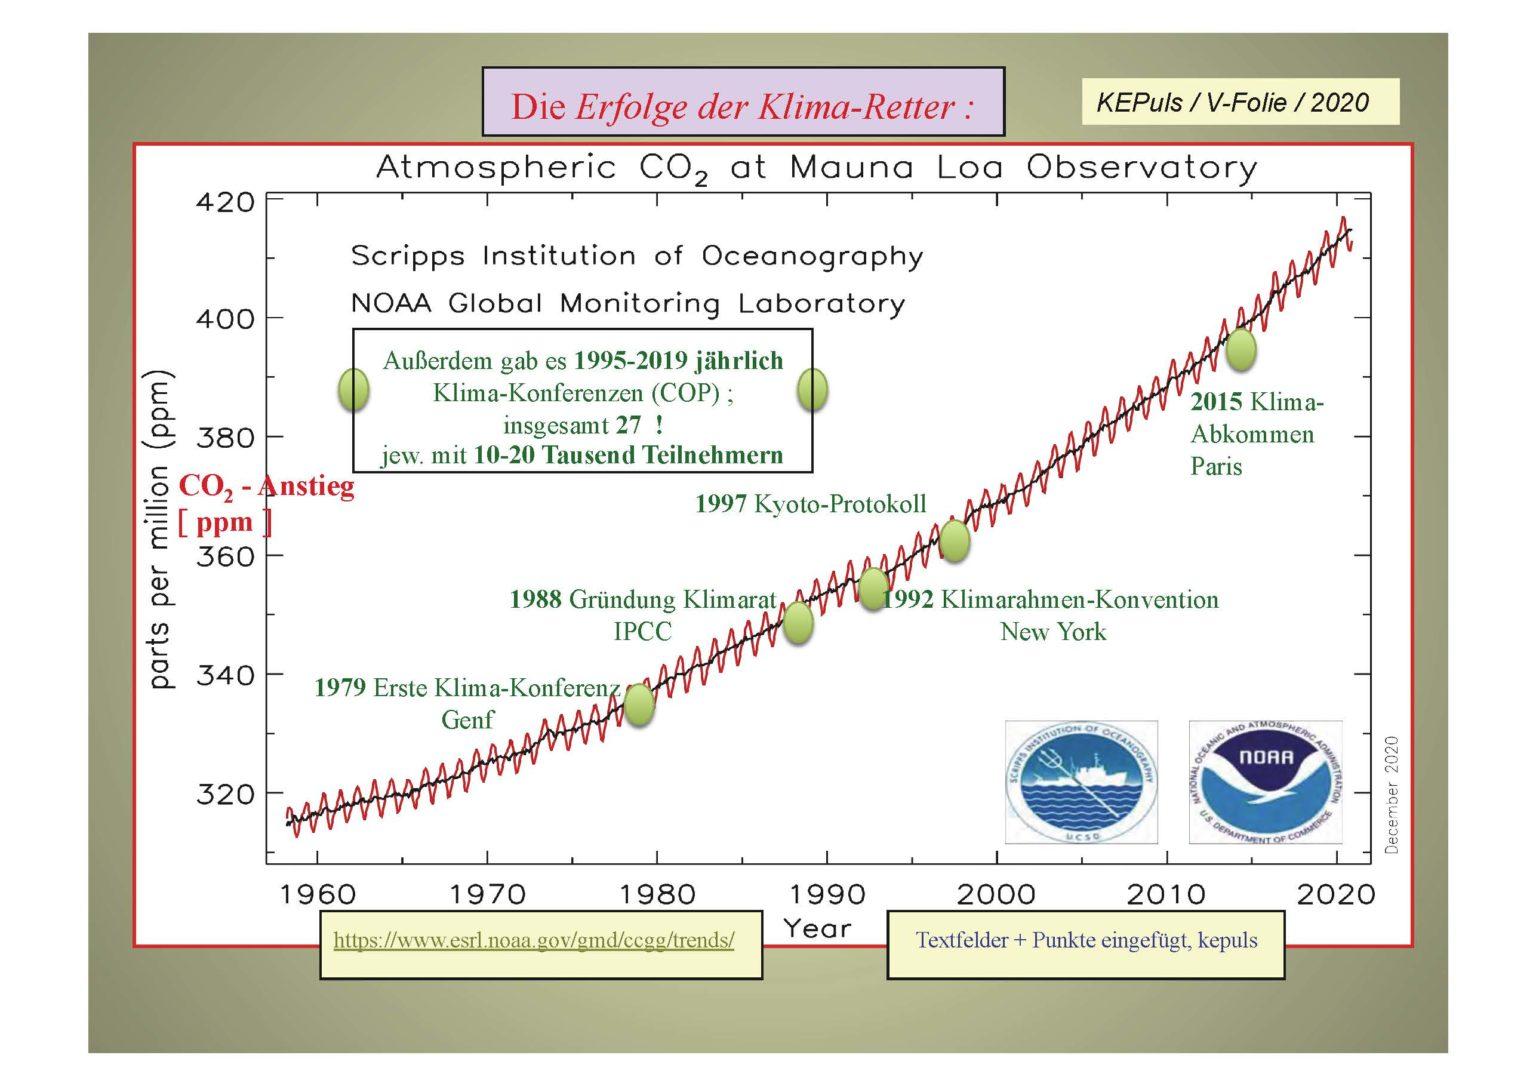 de-emissiedoelstellingen-van-het-akkoord-van-parijs-worden-beschouwd-als-de-heilige-graal-van-het-klimaatbeleid